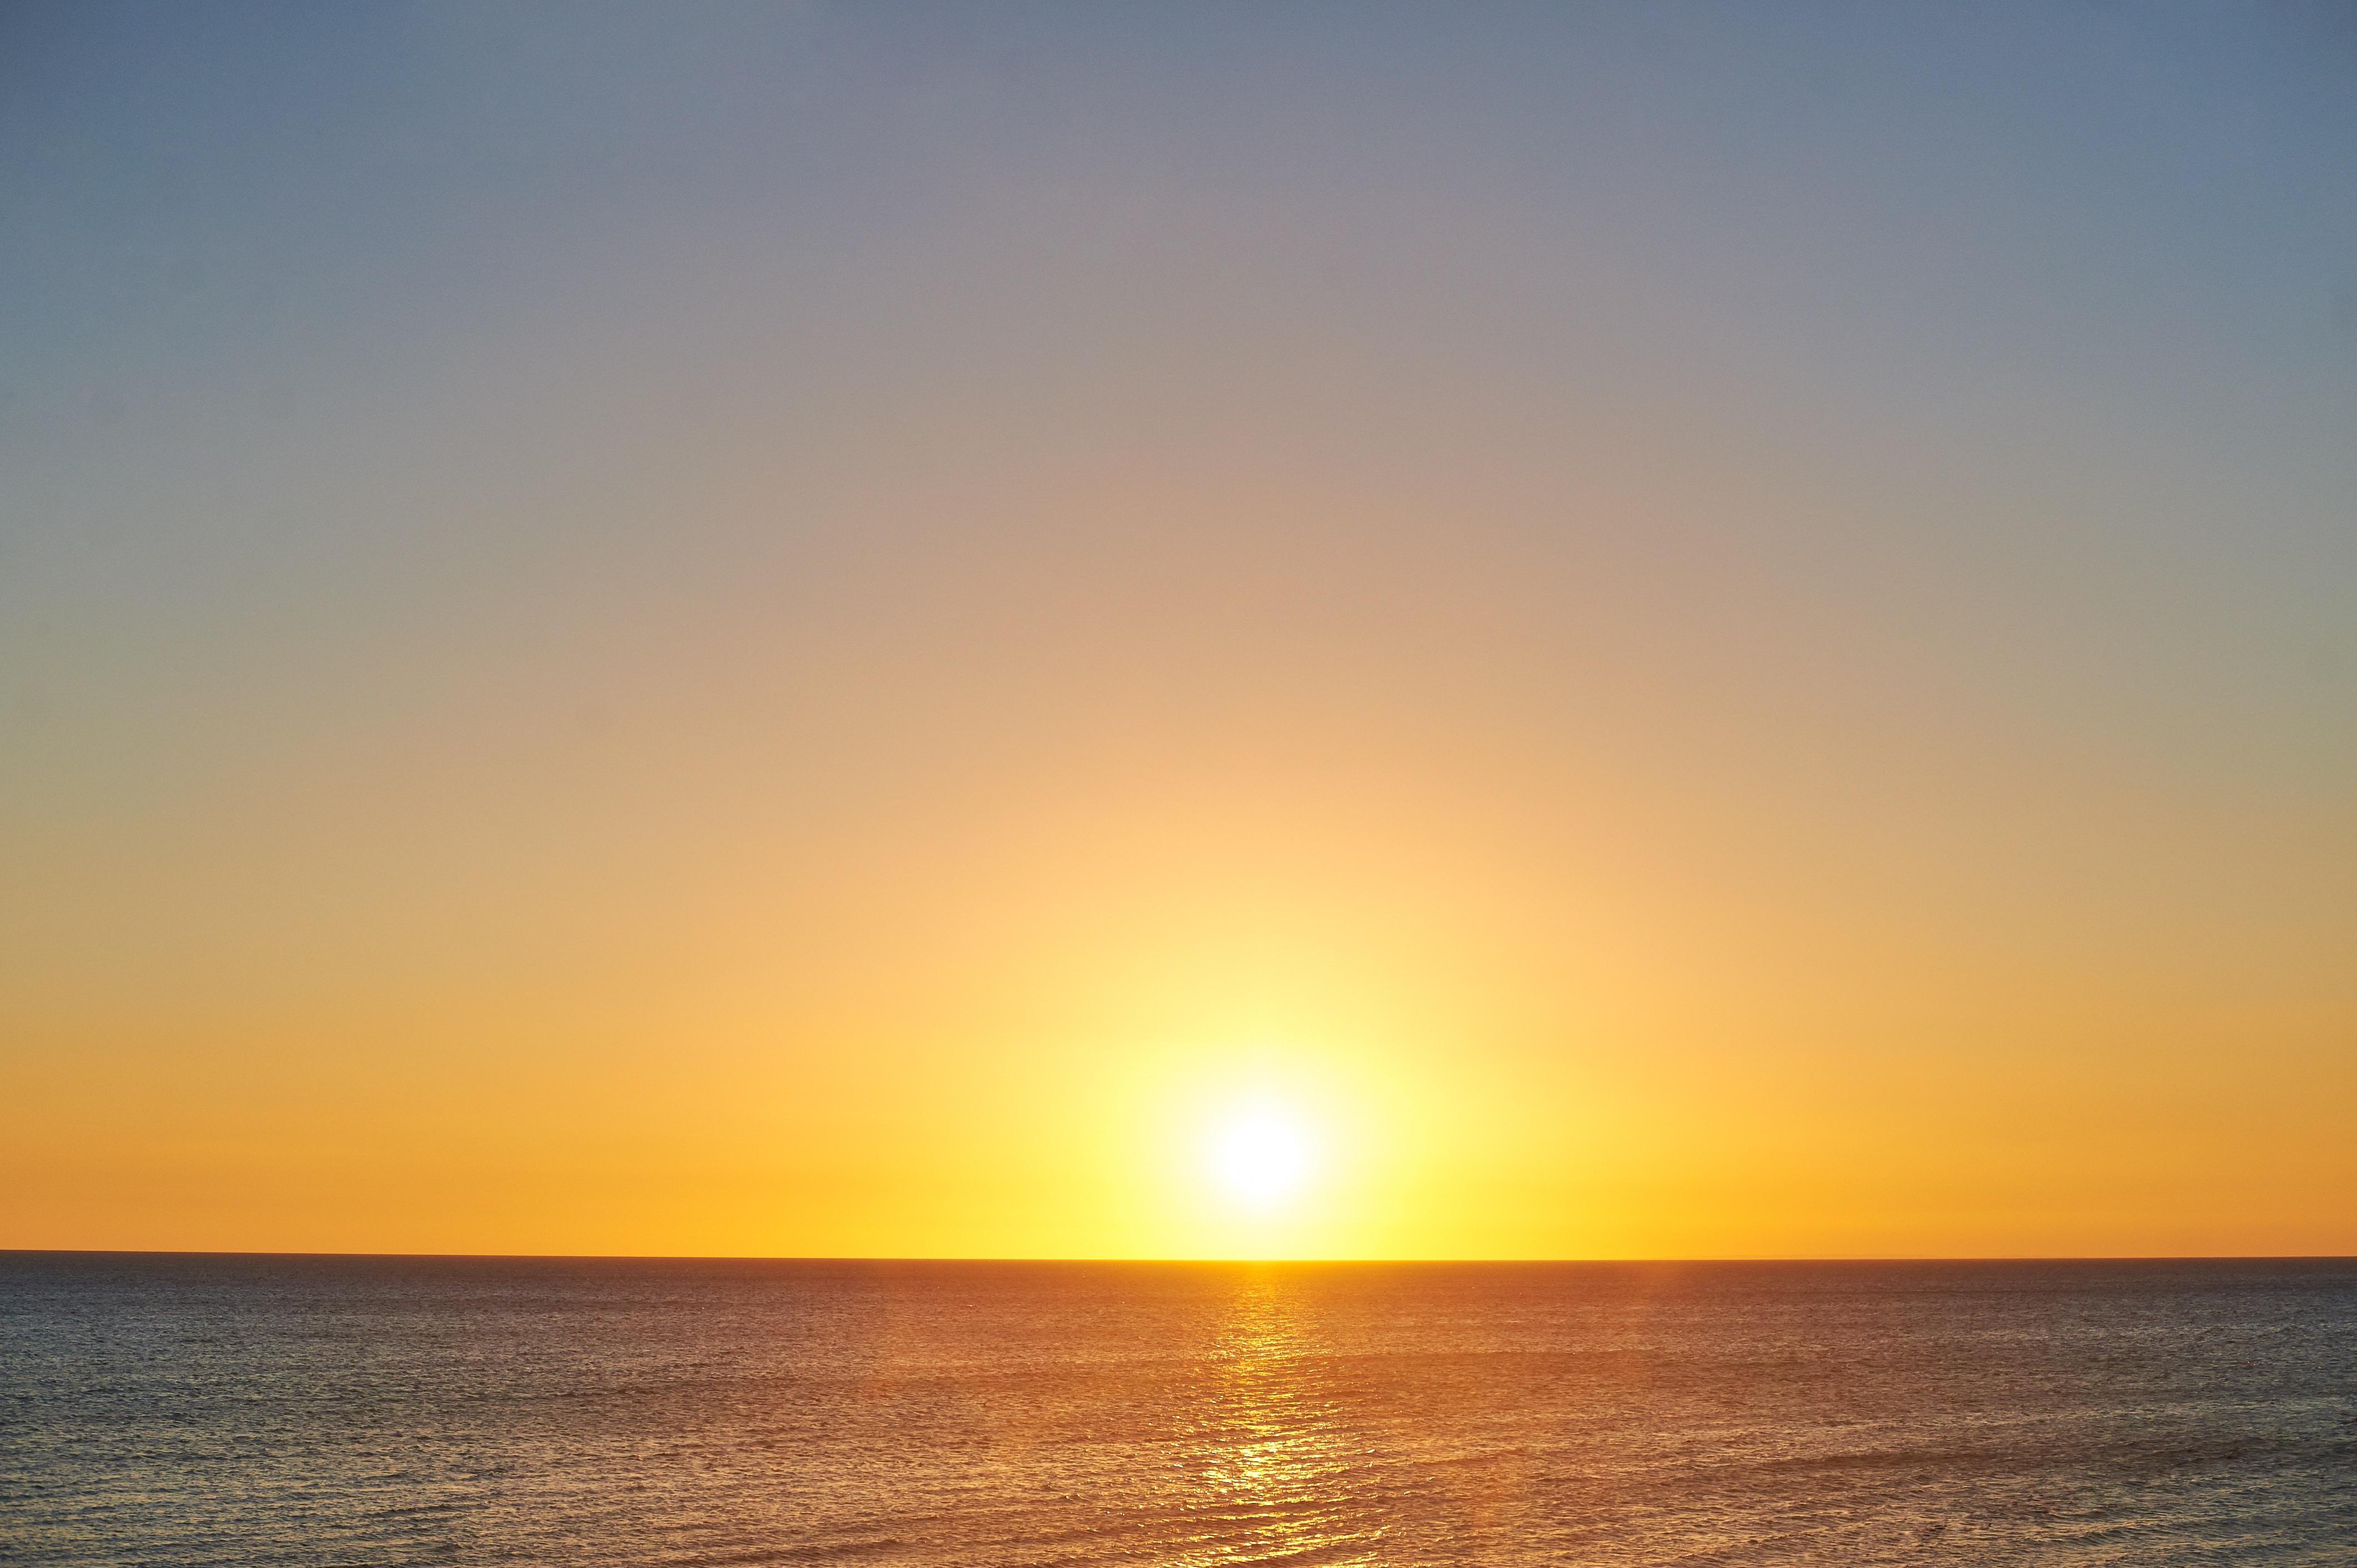 незаменимый фото восход над морем сути, являясь нейтральной